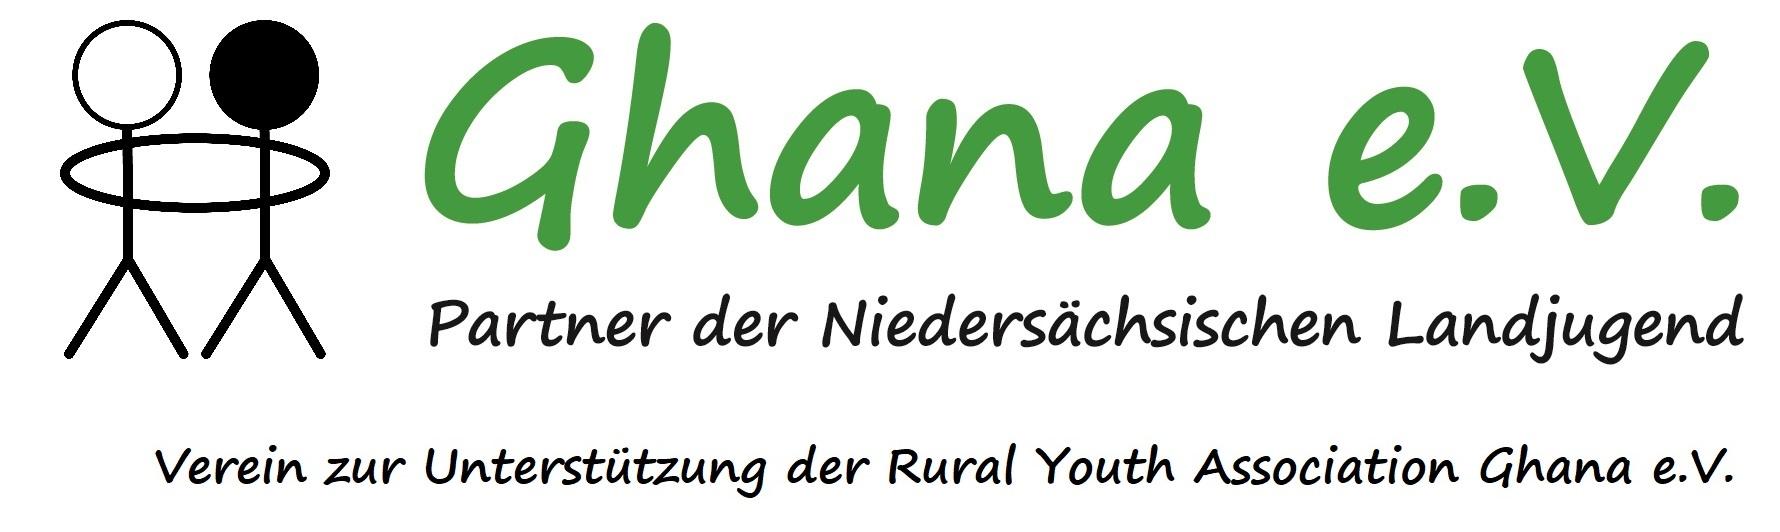 Verein zur Unterstützung der Rural Youth Association Ghana e.V.